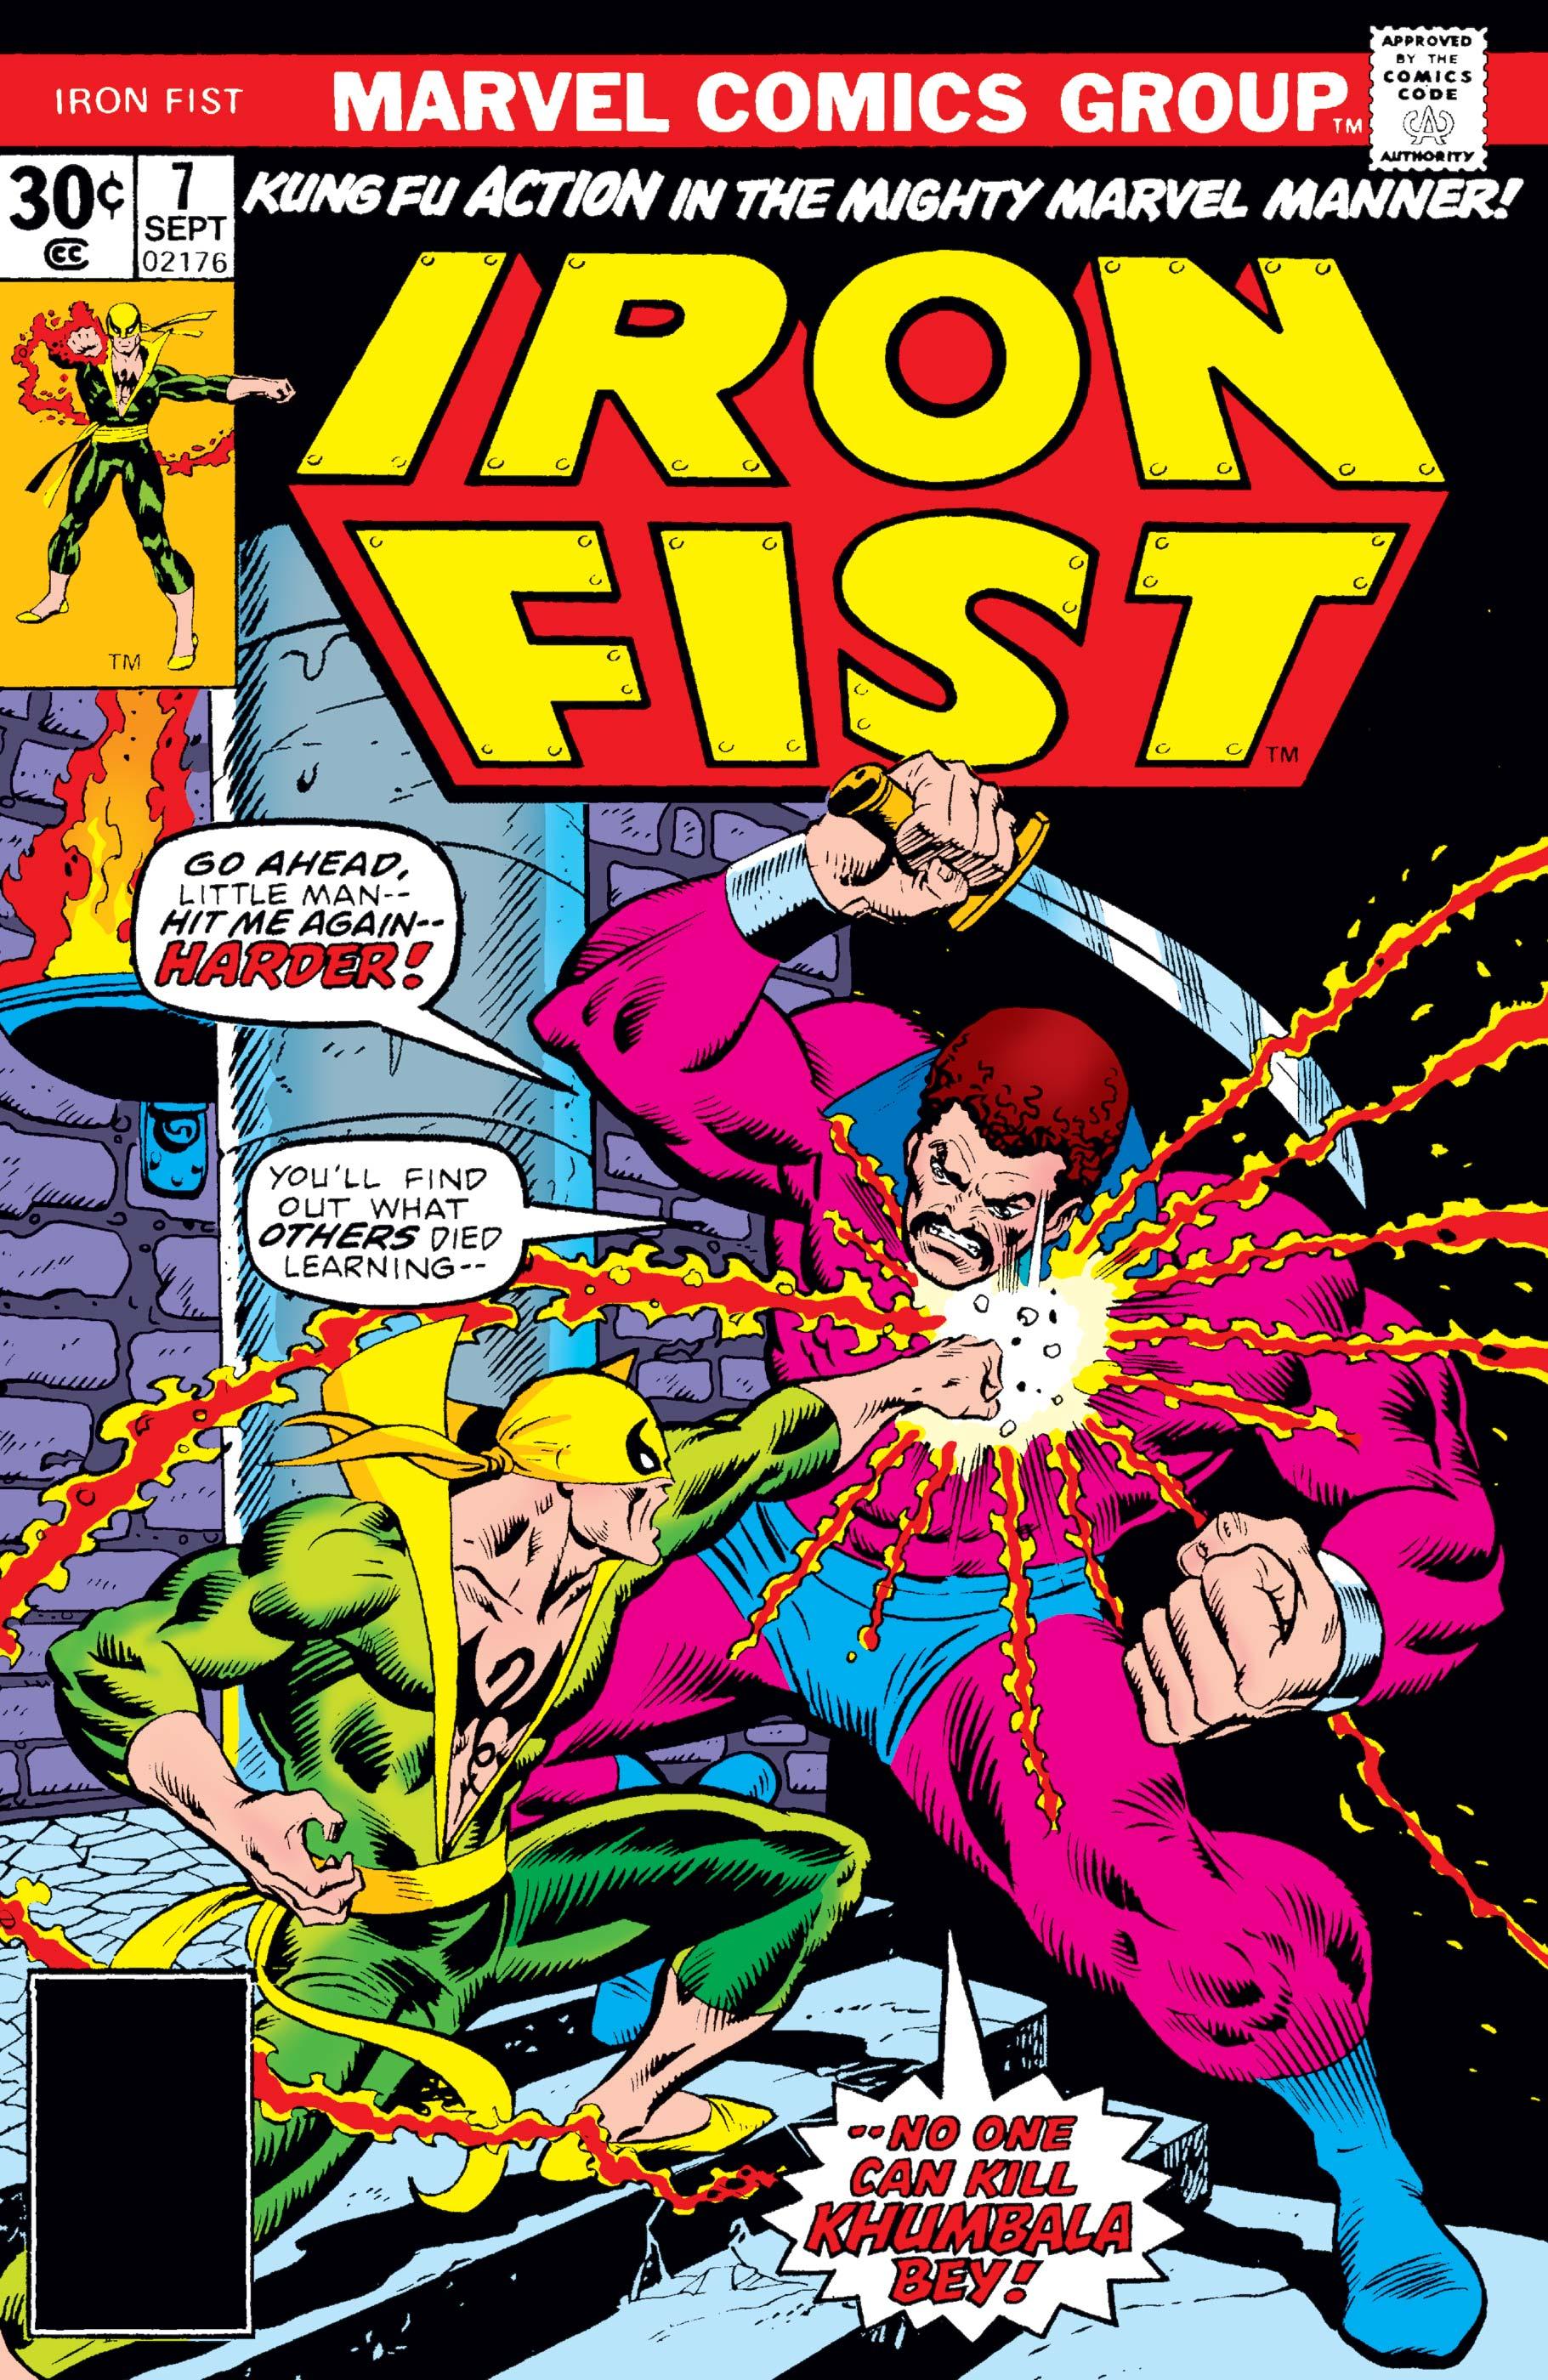 Iron Fist (1975) #7